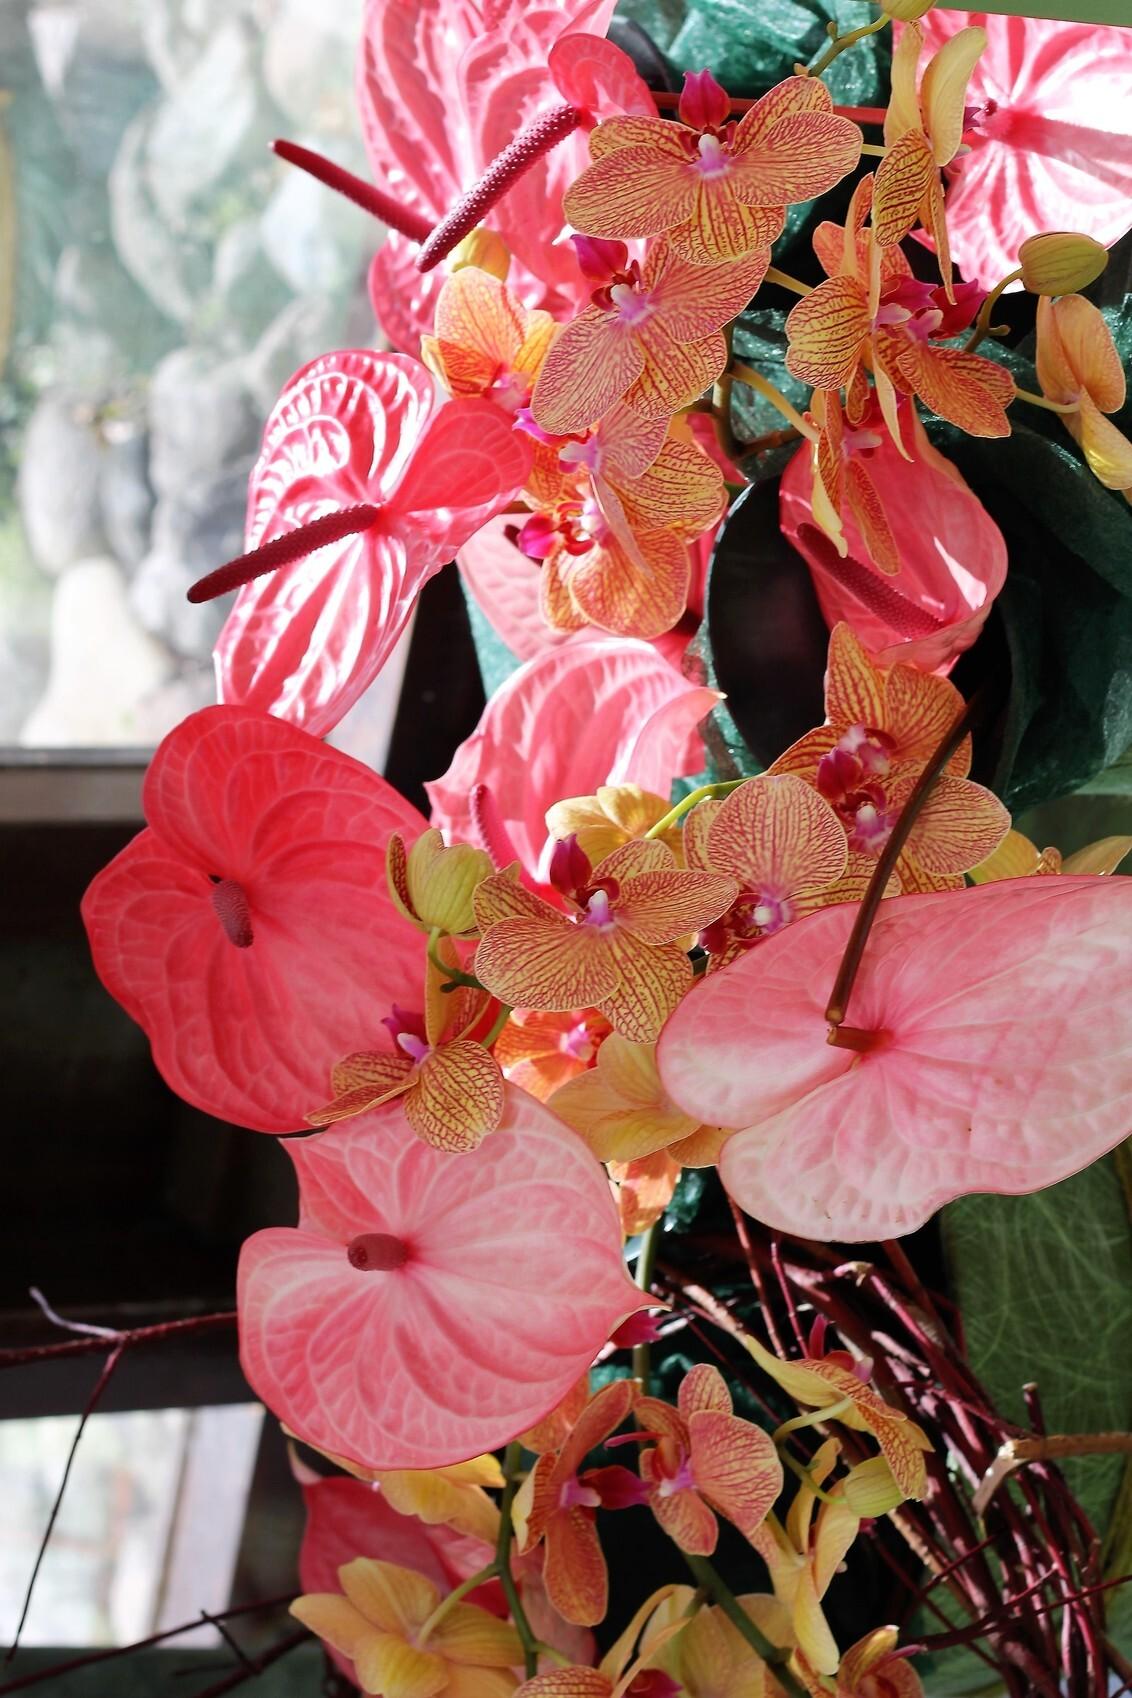 125 - gemaakt in keu hof in lissen - foto door ltomey op 07-12-2020 - deze foto bevat: bloem